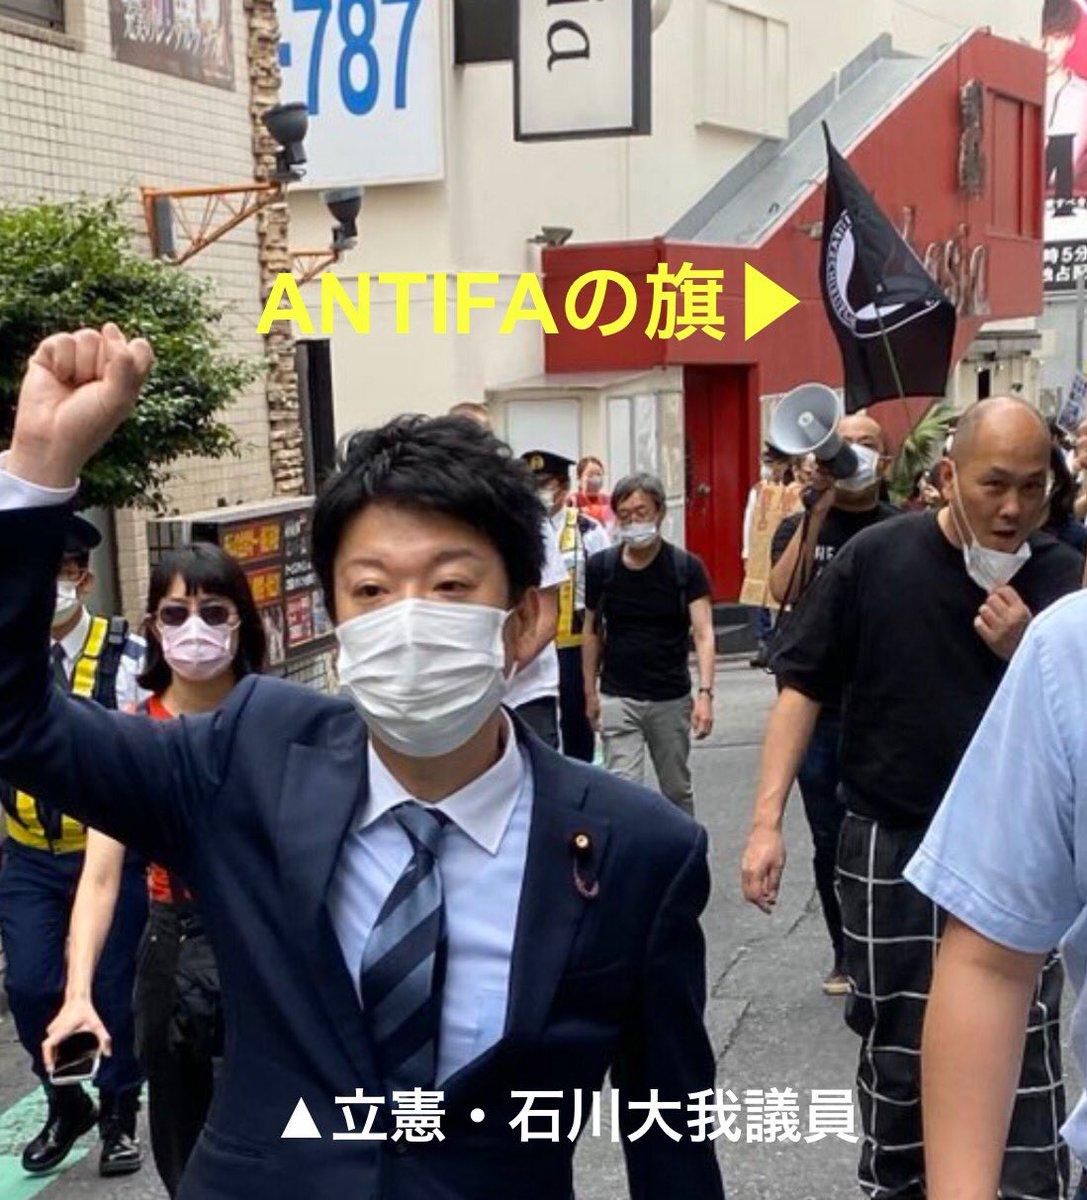 極左集団、Antifaのデモを先頭で扇動する立憲民主党、石川大我。これが国会議員の仕事ですか? #立憲民主党の真実を知らしめる